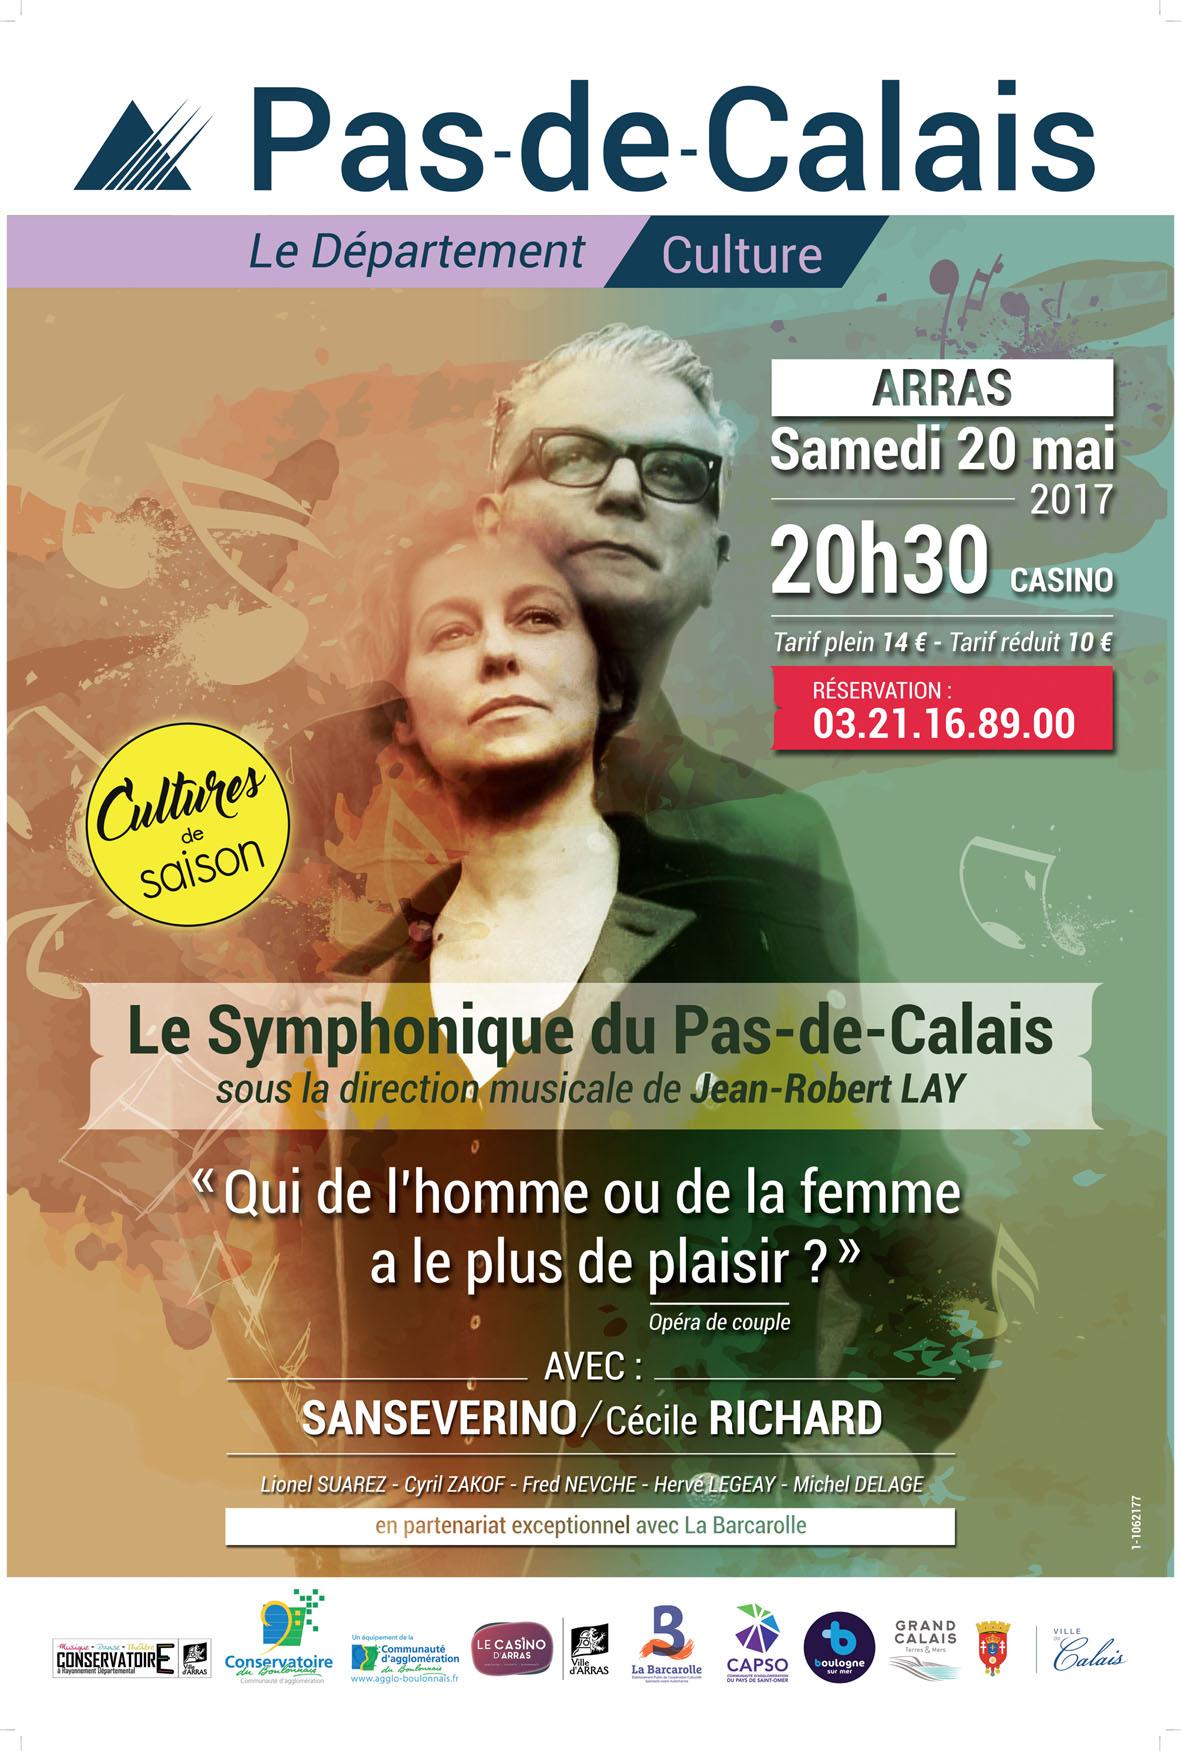 Sanseverino et le symphonique du Pas-de-Calais